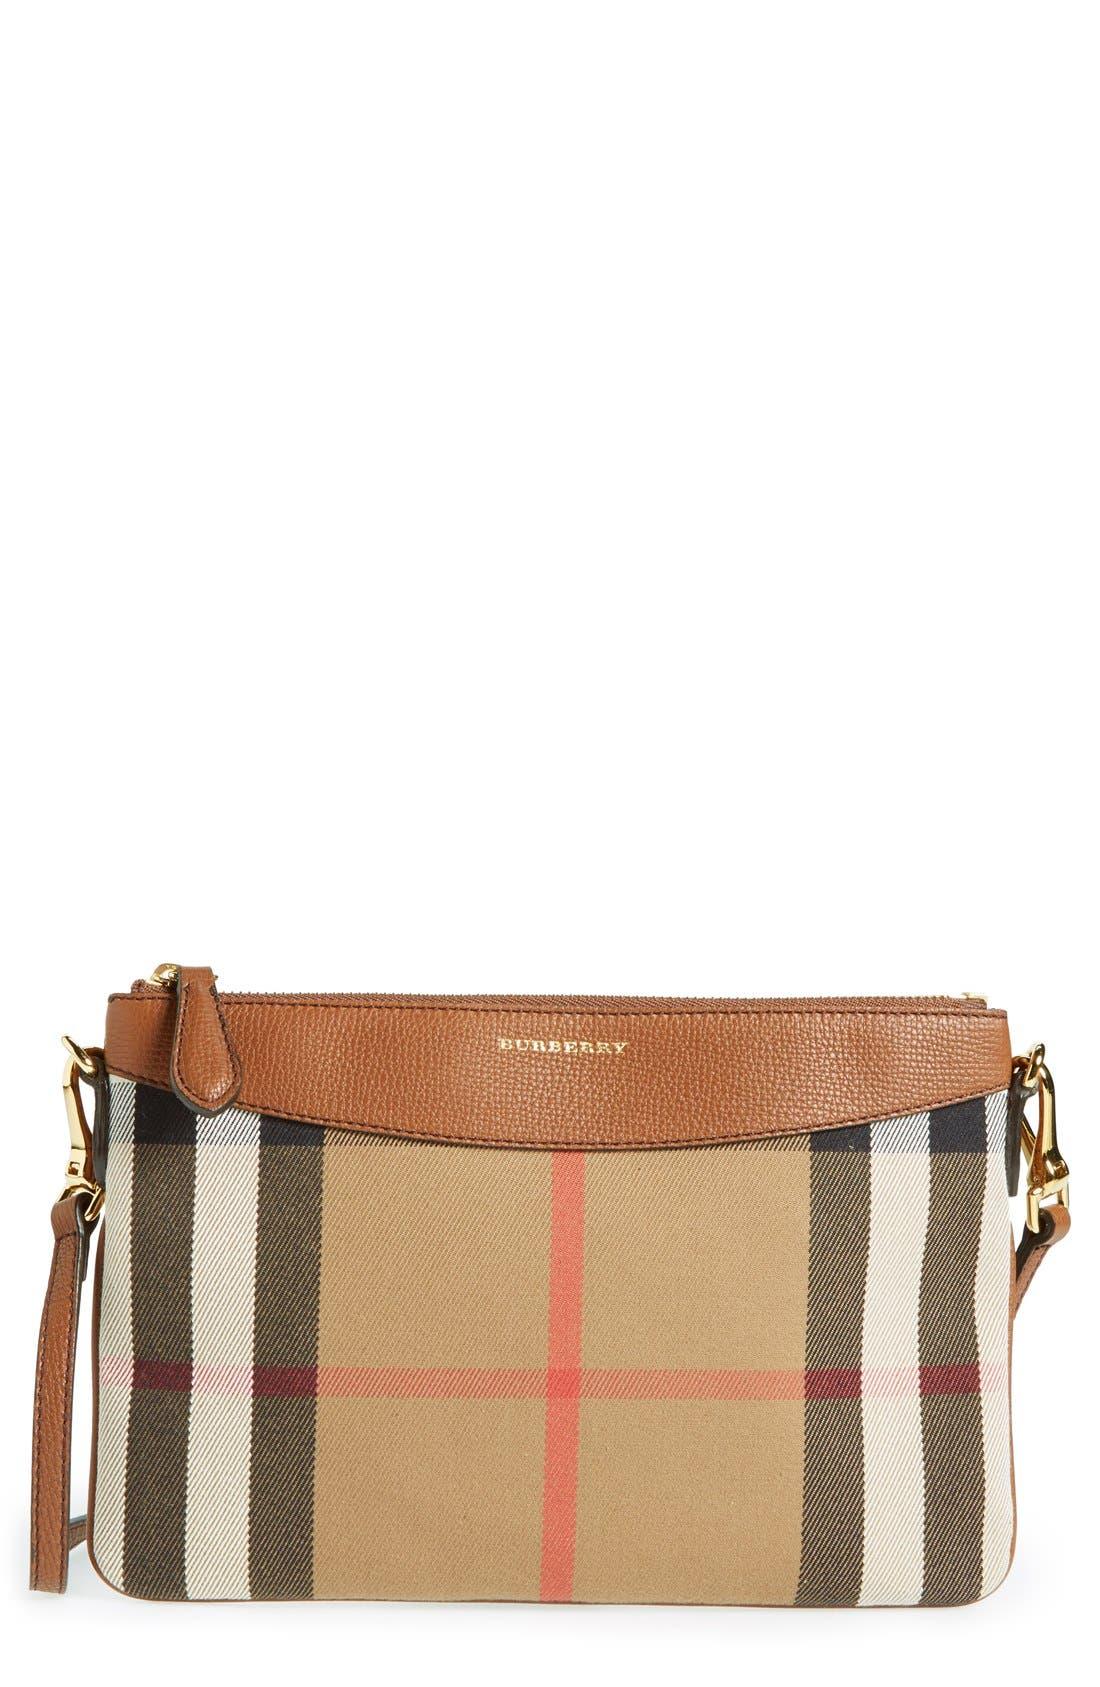 'Peyton - House Check' Crossbody Bag,                             Main thumbnail 1, color,                             Tan